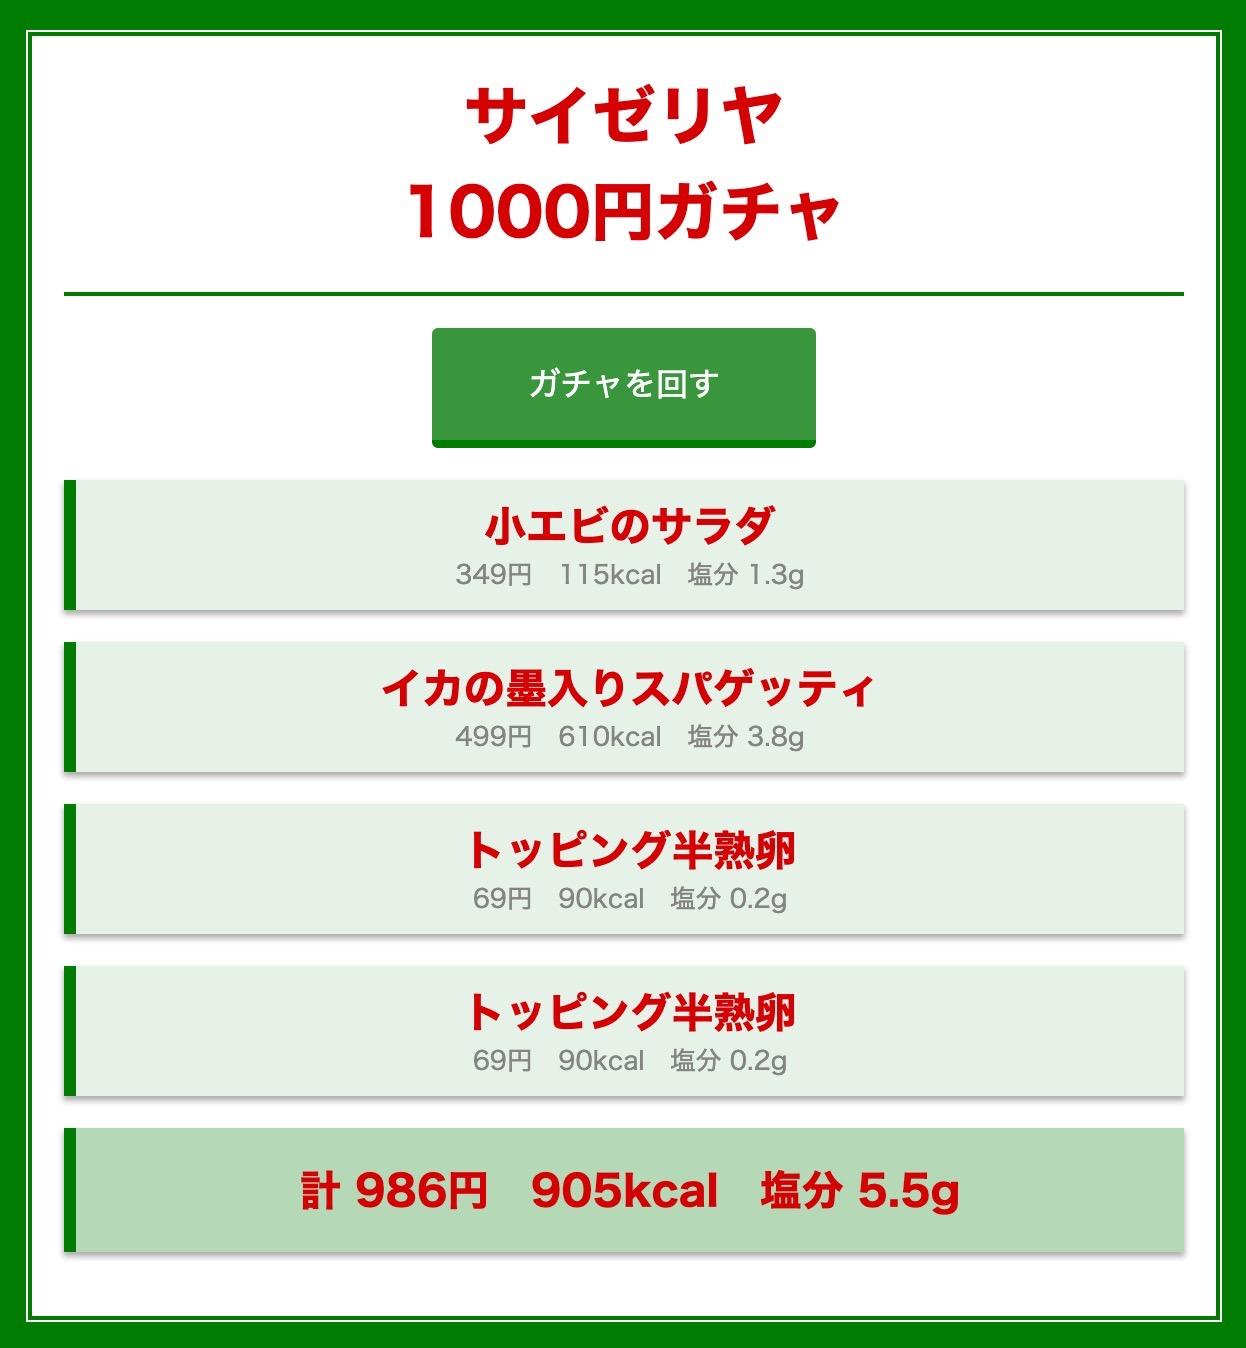 「サイゼリヤ 1000円ガチャ」5